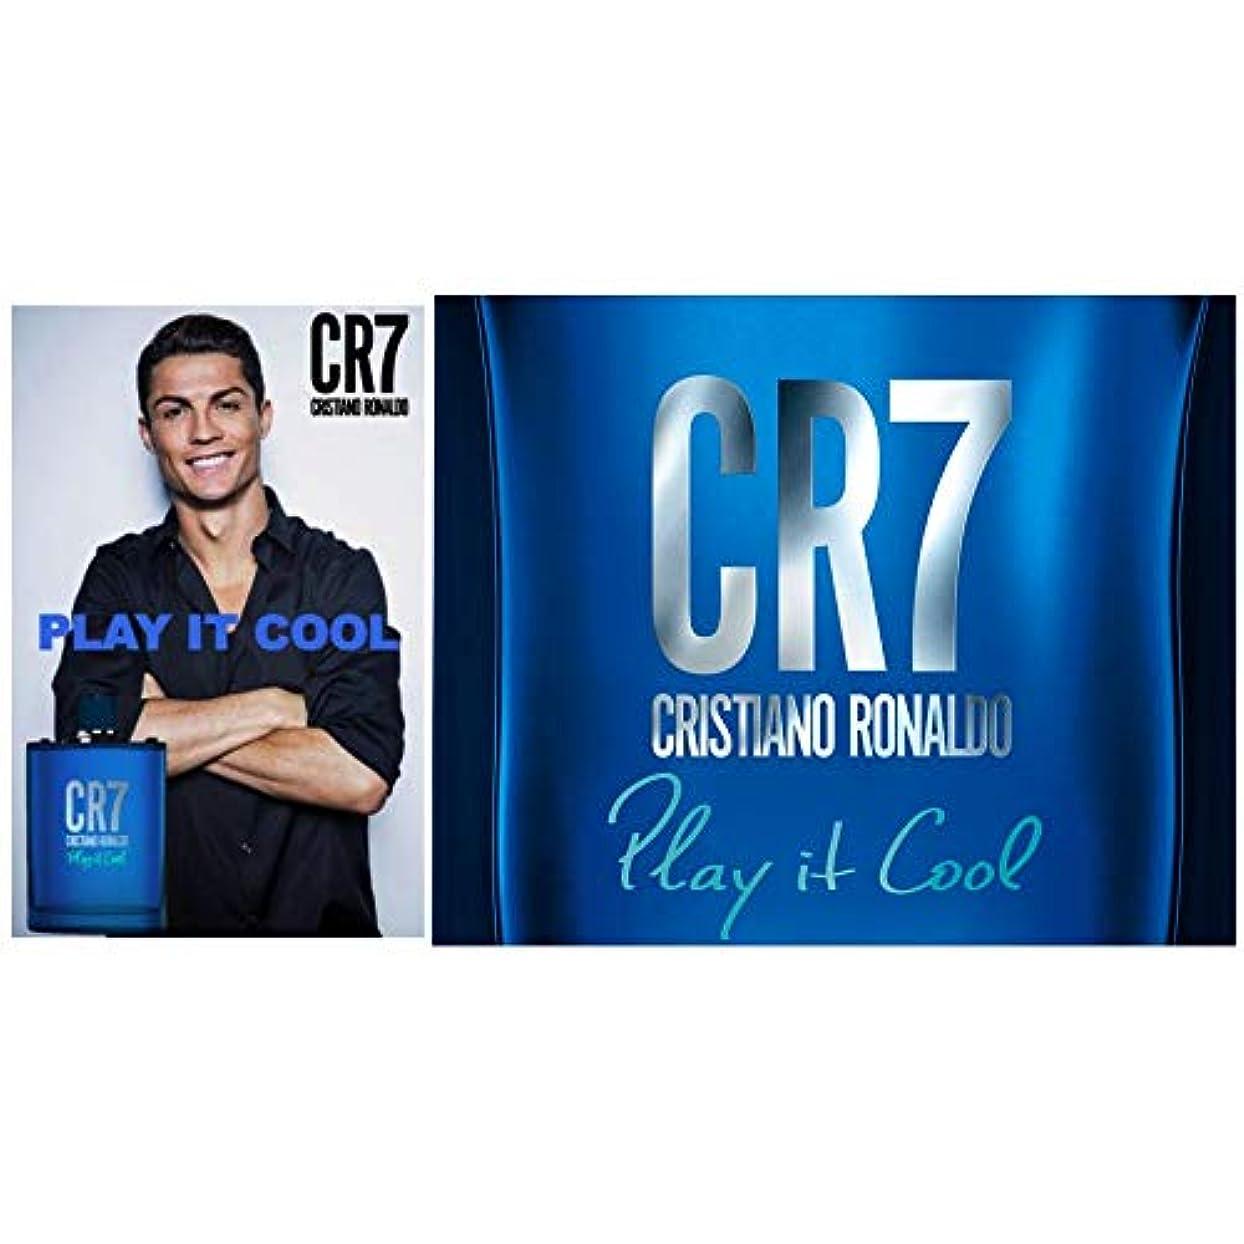 見捨てる漏斗大胆Cristiano Ronaldo(クリスティアーノ ロナウド) クリスティアーノ ロナウド CR7 プレイイットクール バイ クリスティアーノ ロナウド EDT アロマティック?フゼア 50ml